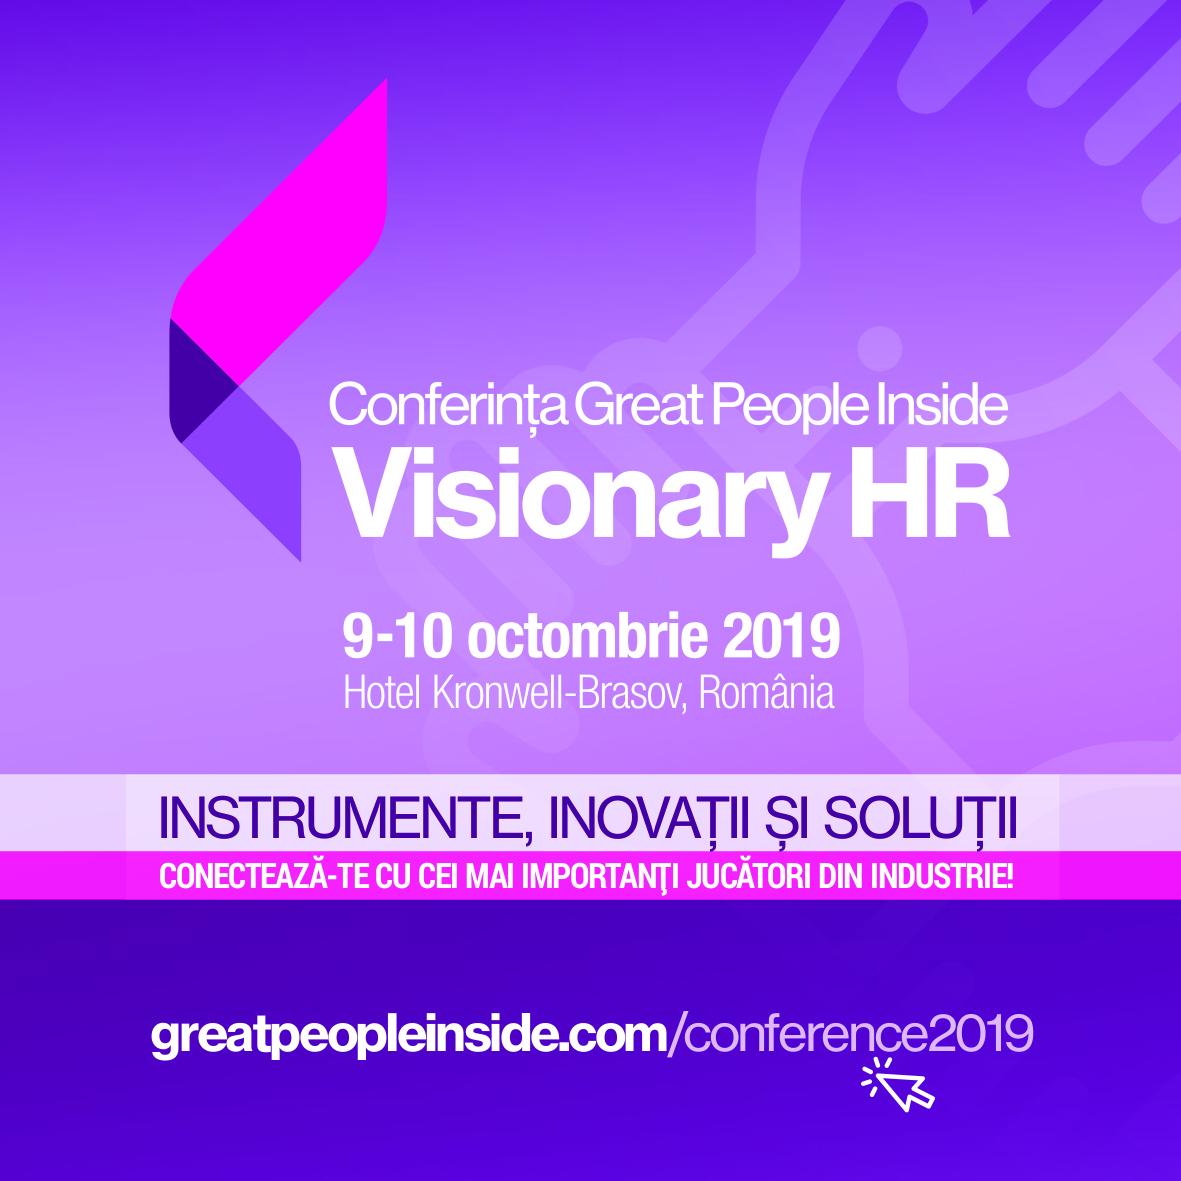 Experți de renume internațional în domeniul HR, prezenți la Conferința Great People Inside Visionary HR, 9-10 octombrie 2019, Hotel Kronwell, Brașov România